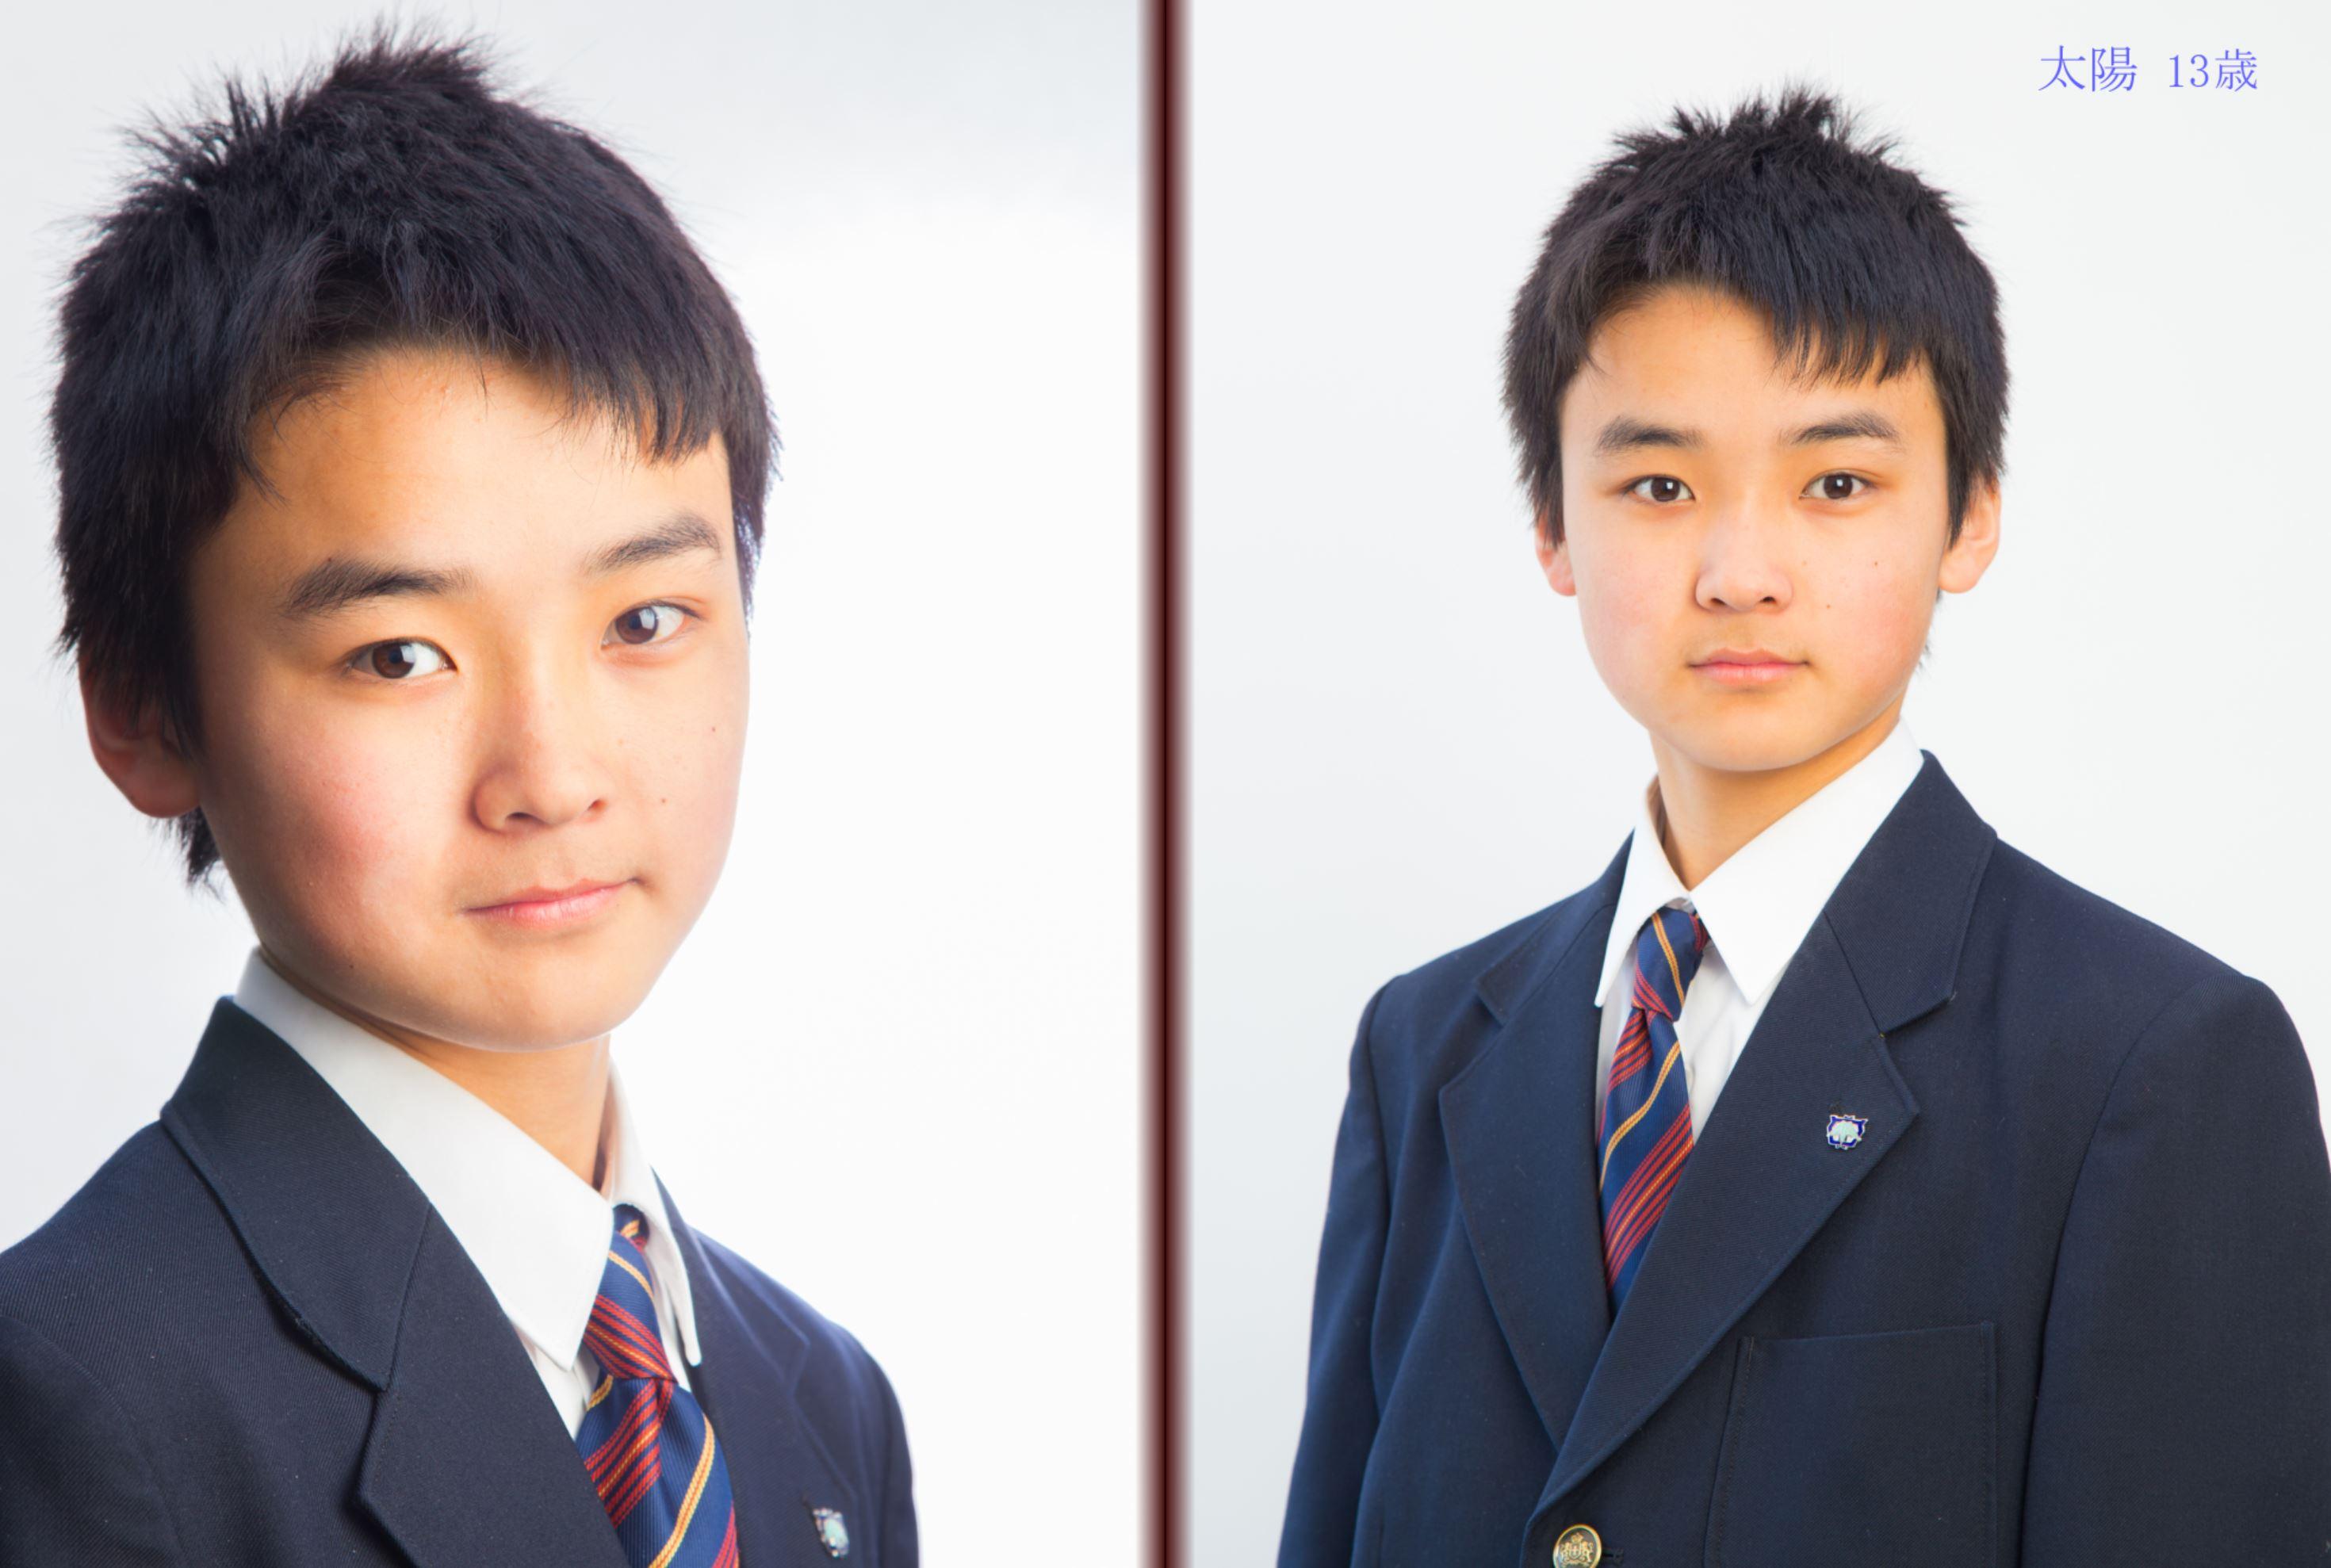 入学式の日に撮ったお兄ちゃんの写真